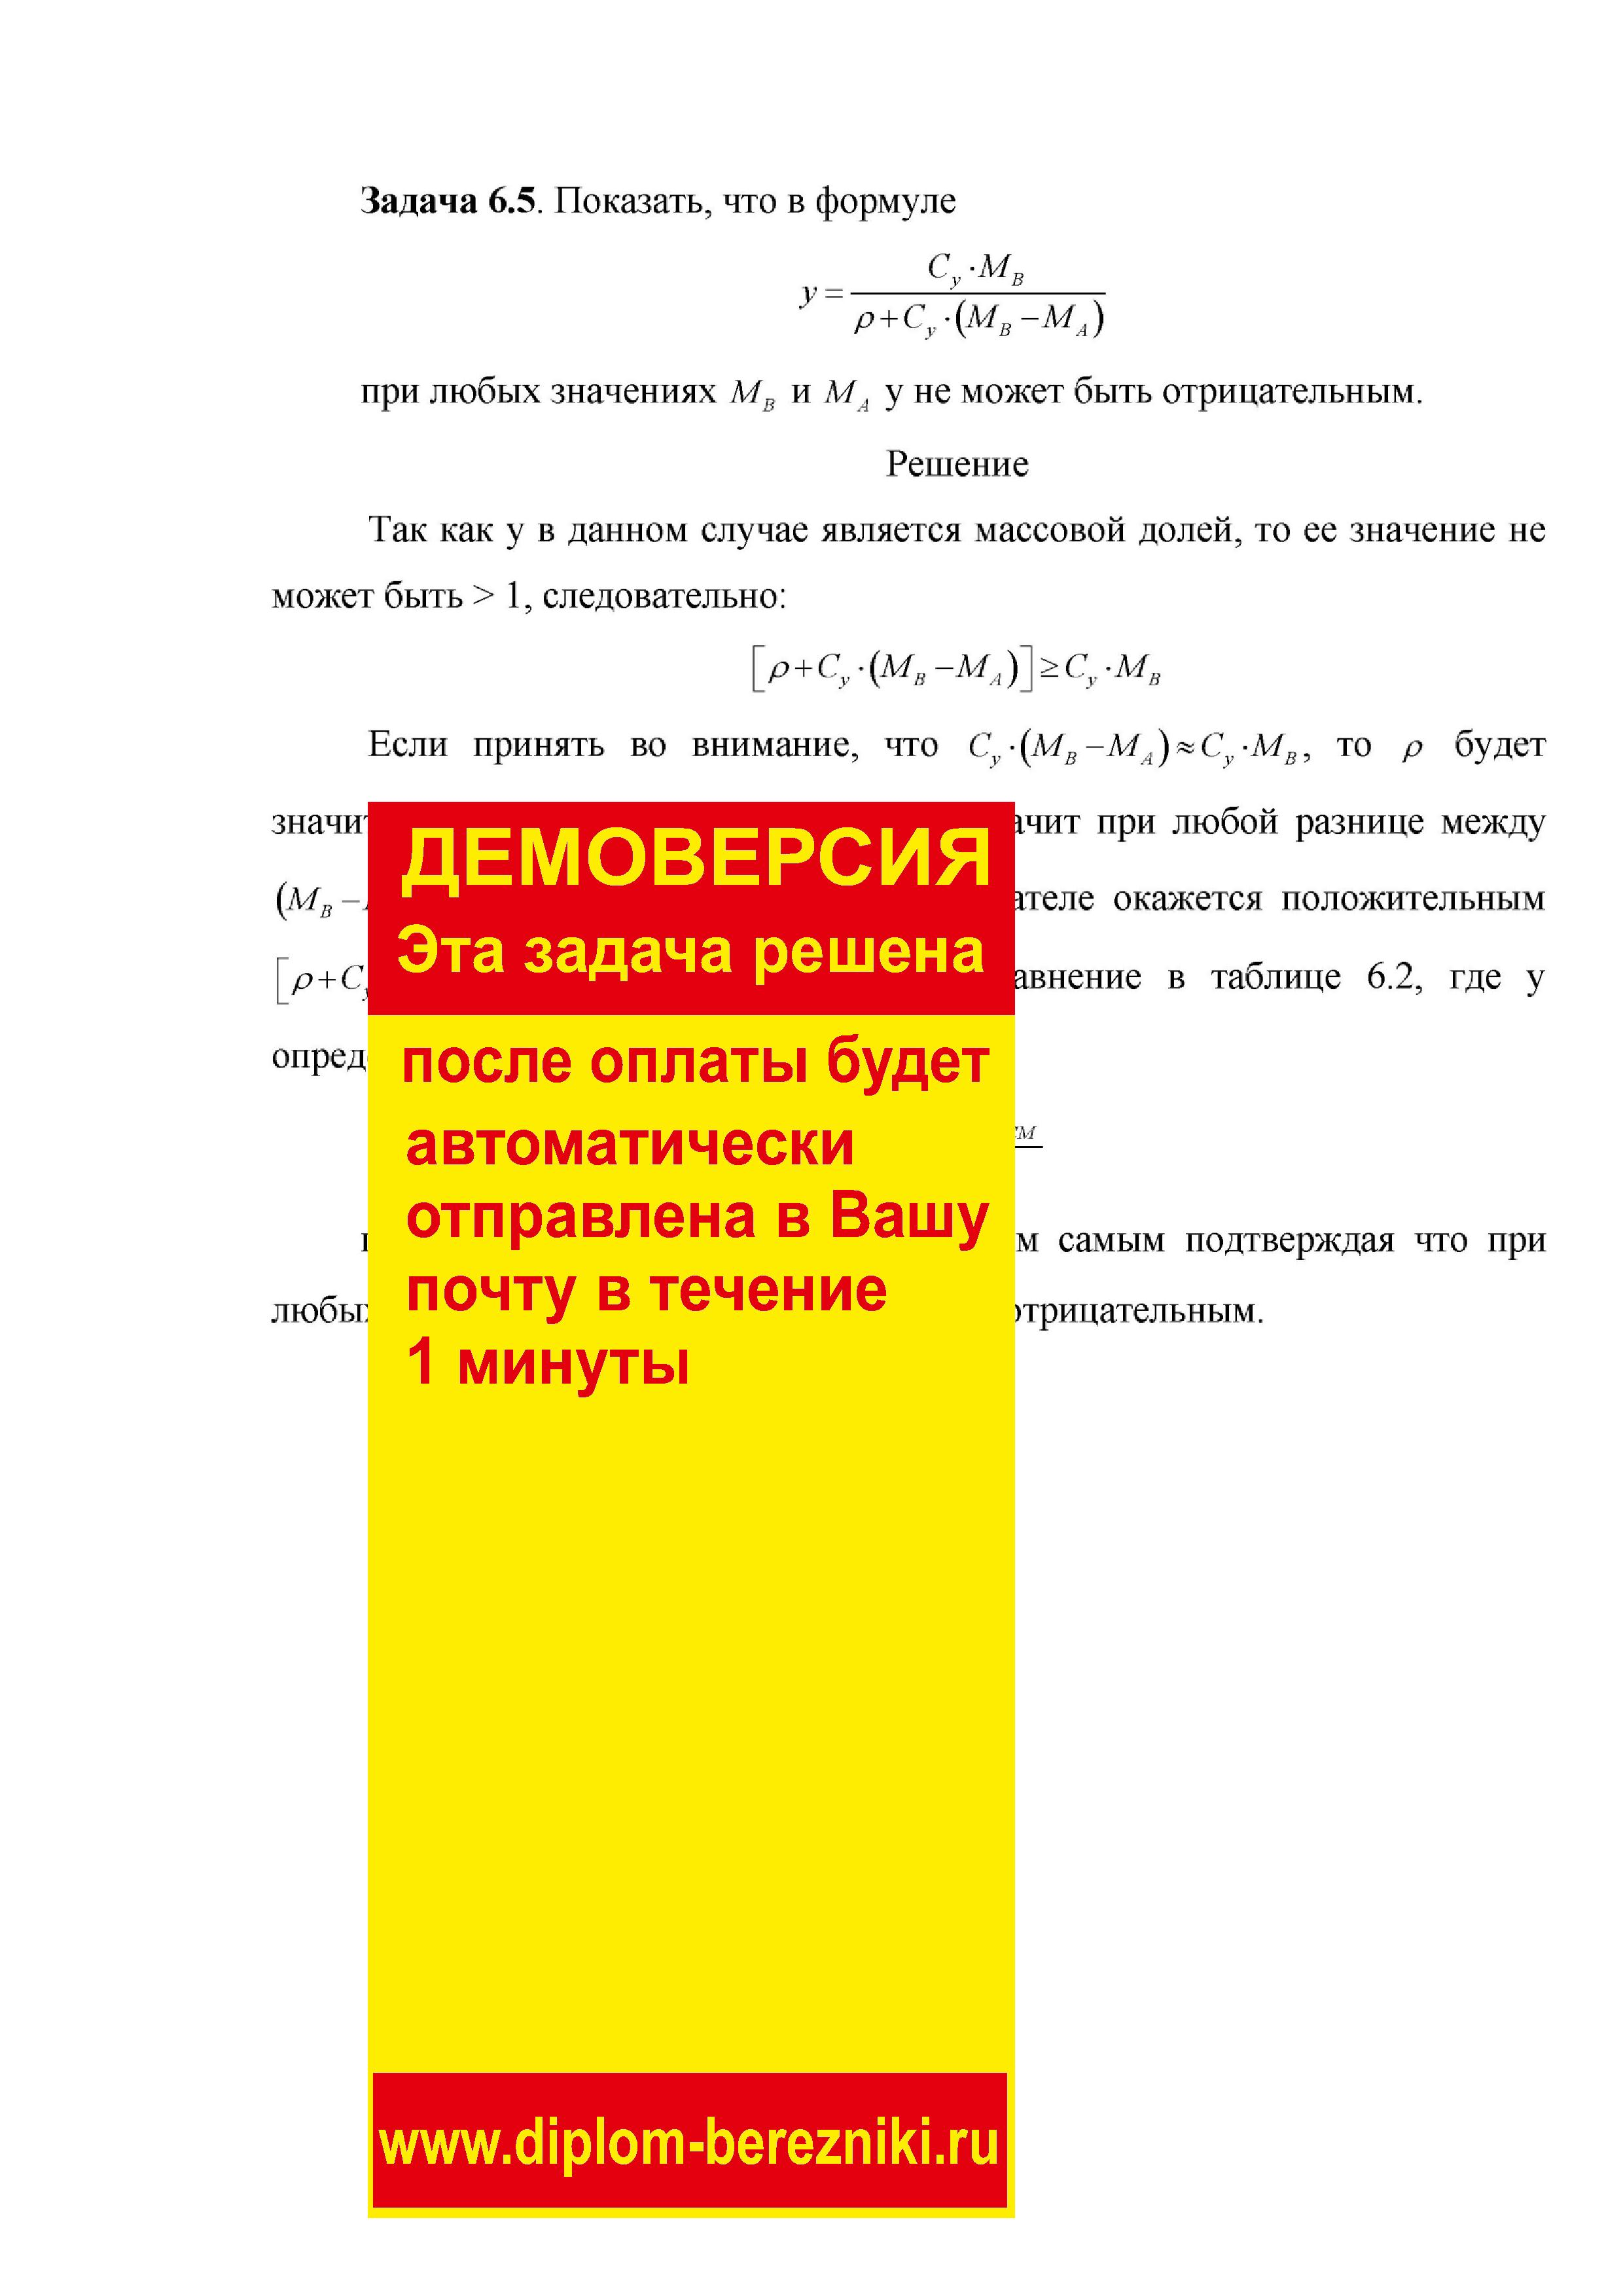 Решение задачи 6.5 по ПАХТ из задачника Павлова Романкова Носкова